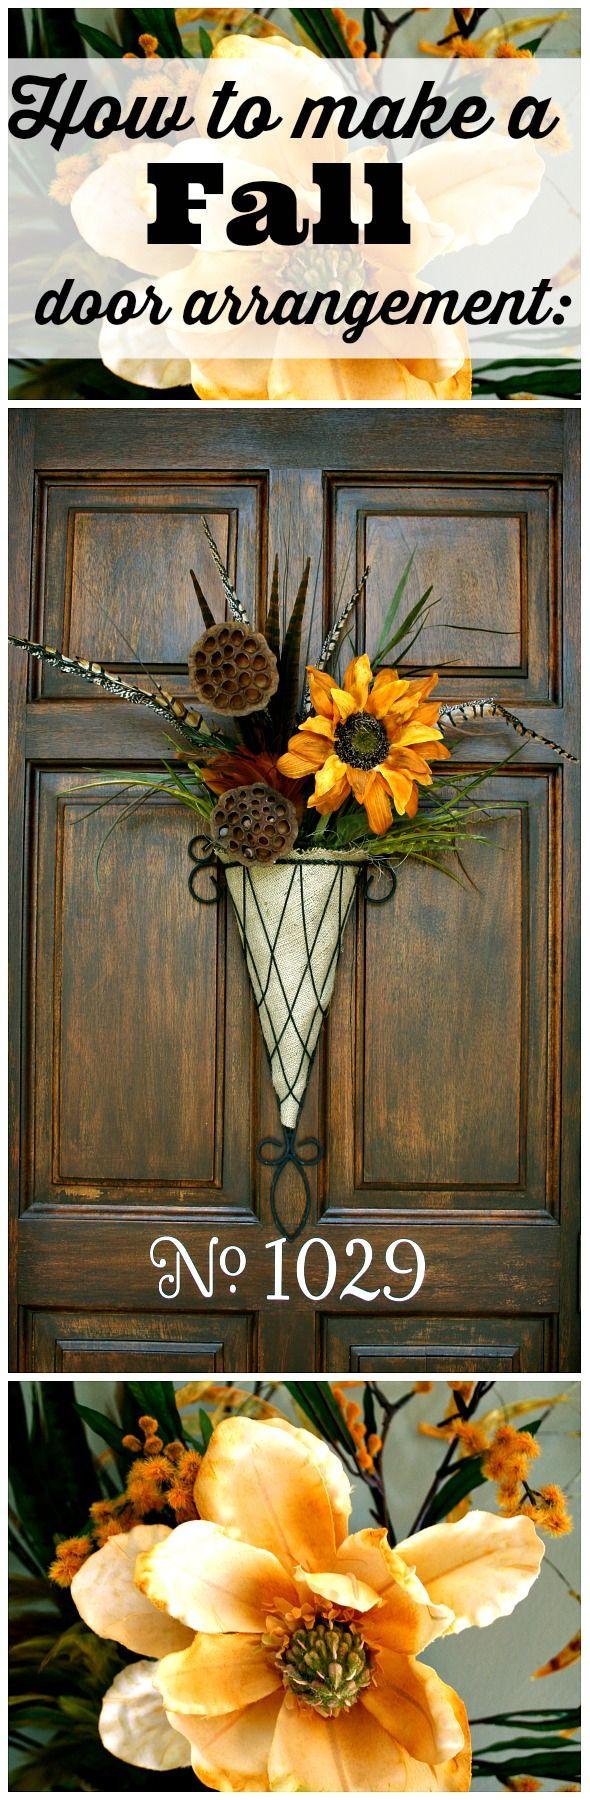 create 2 different fall door arrangements